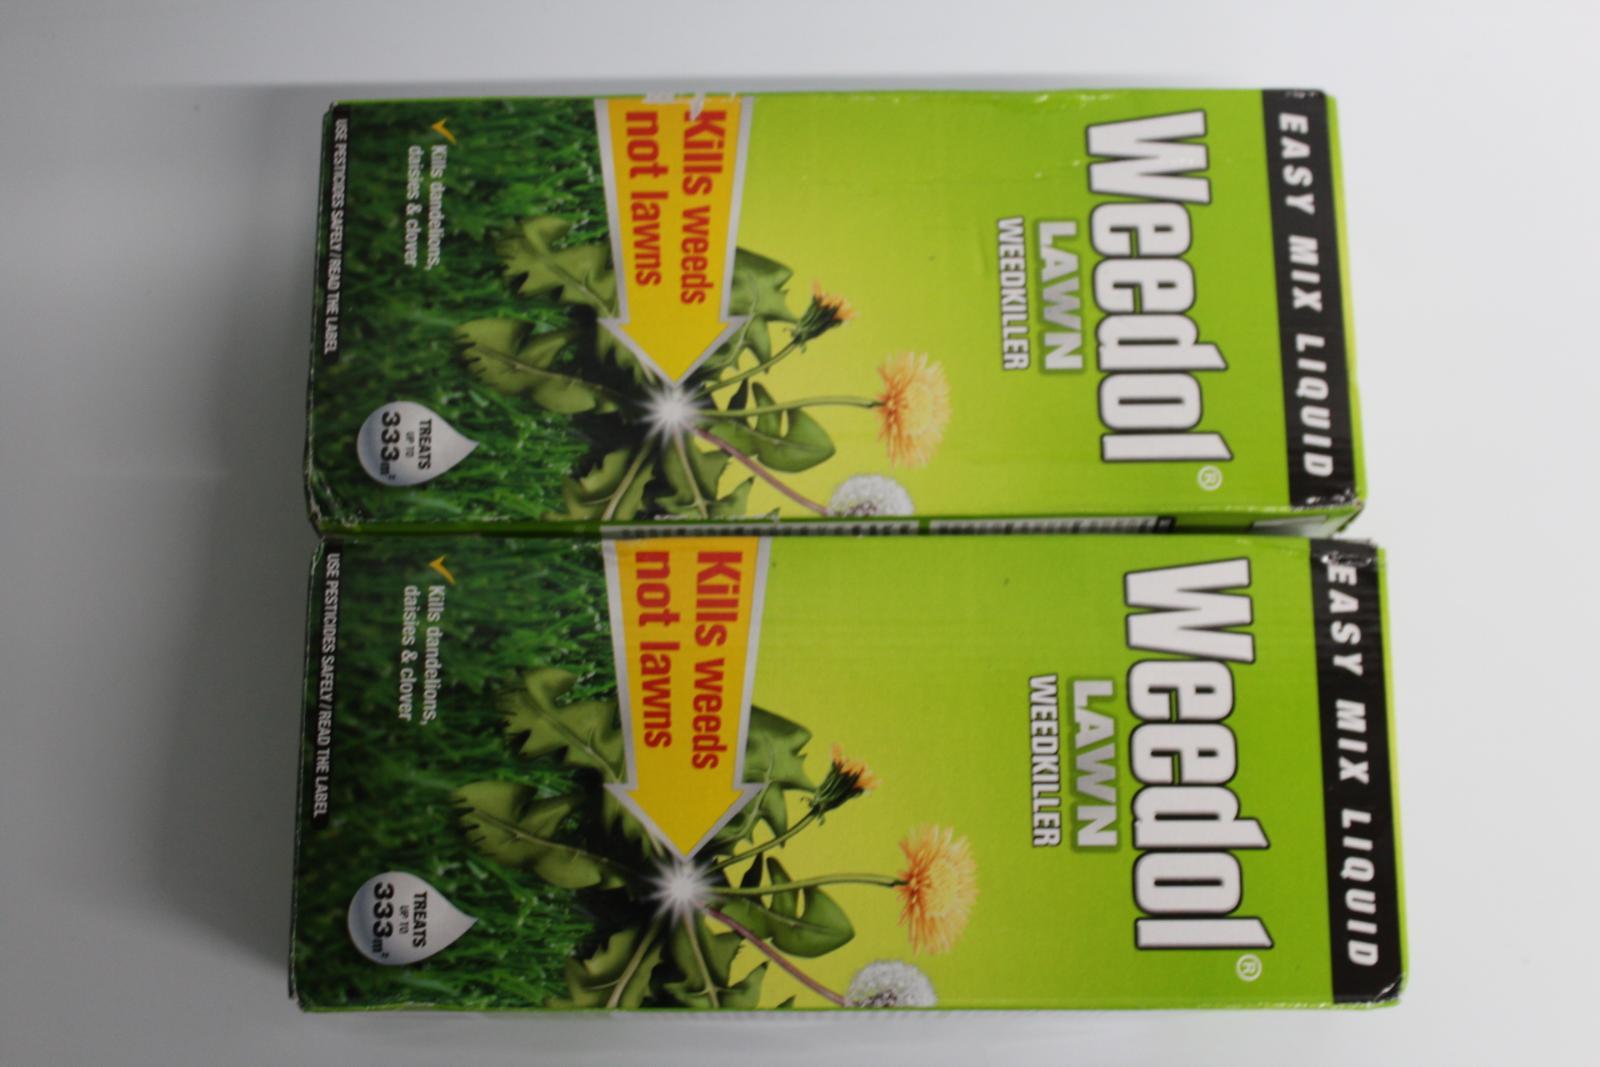 2x-BNIB-WEEDOL-Lawn-Weedkiller-500ml-Kills-Weeds-Treats-333m2-Garden-Space miniatura 7